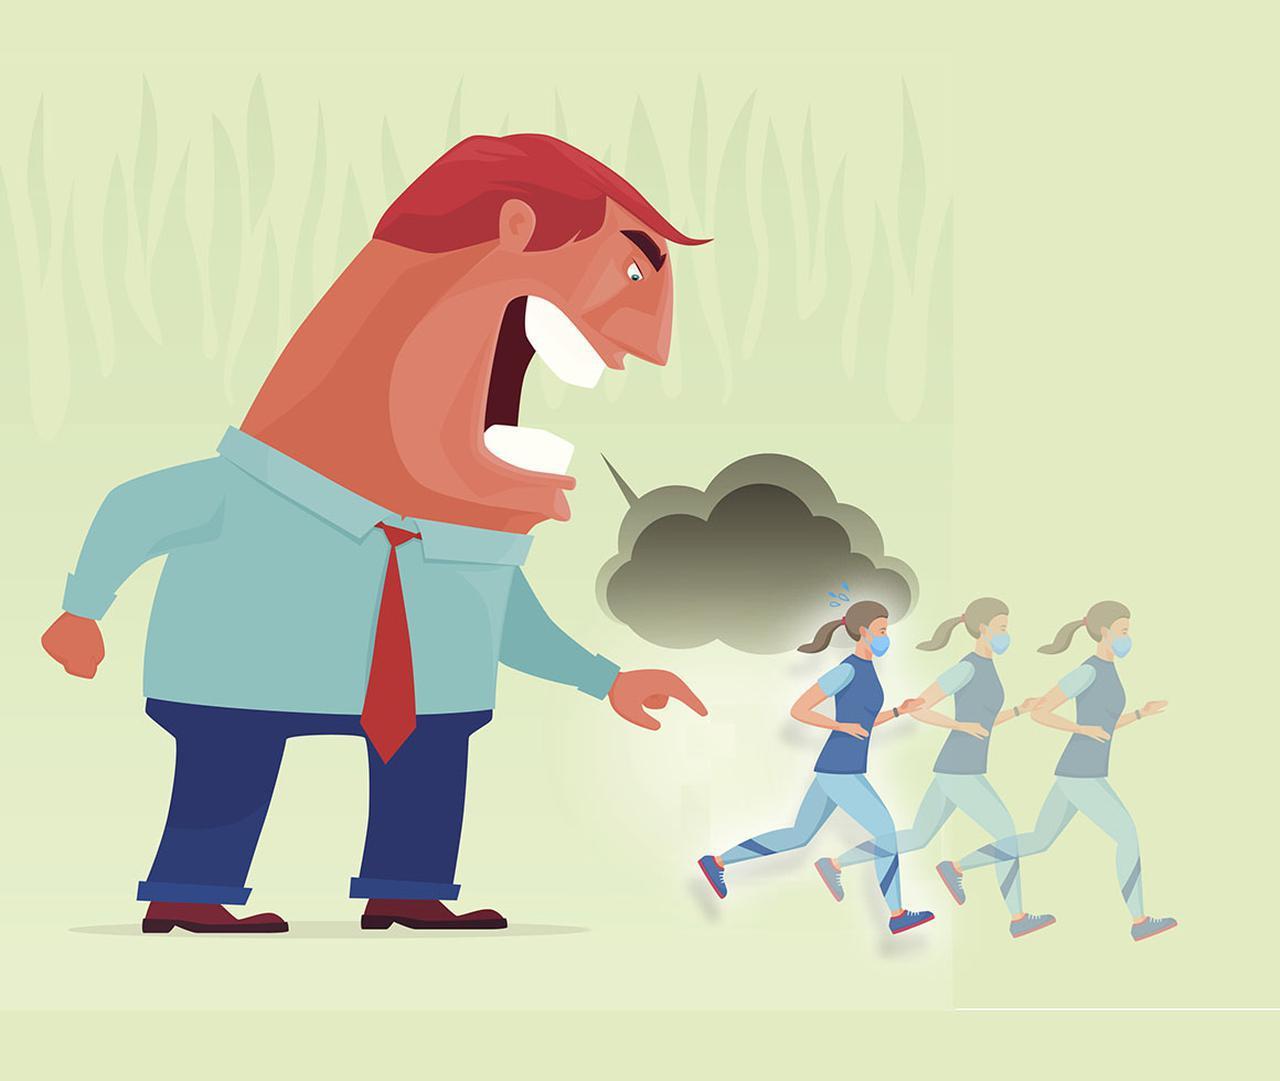 画像: 【屋外でマスク】必要か不要か?外出時・運動時にマスクが暑い、息苦しい…熱中症と感染拡大のリスクを調査 - 特選街web